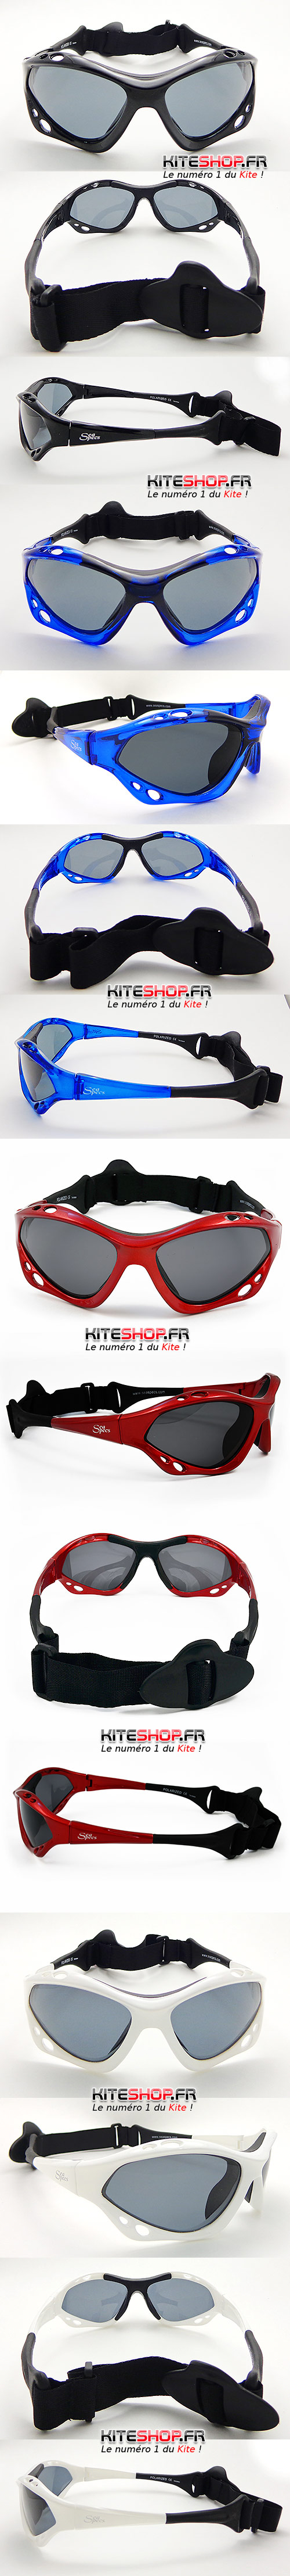 lunette de kitesurf